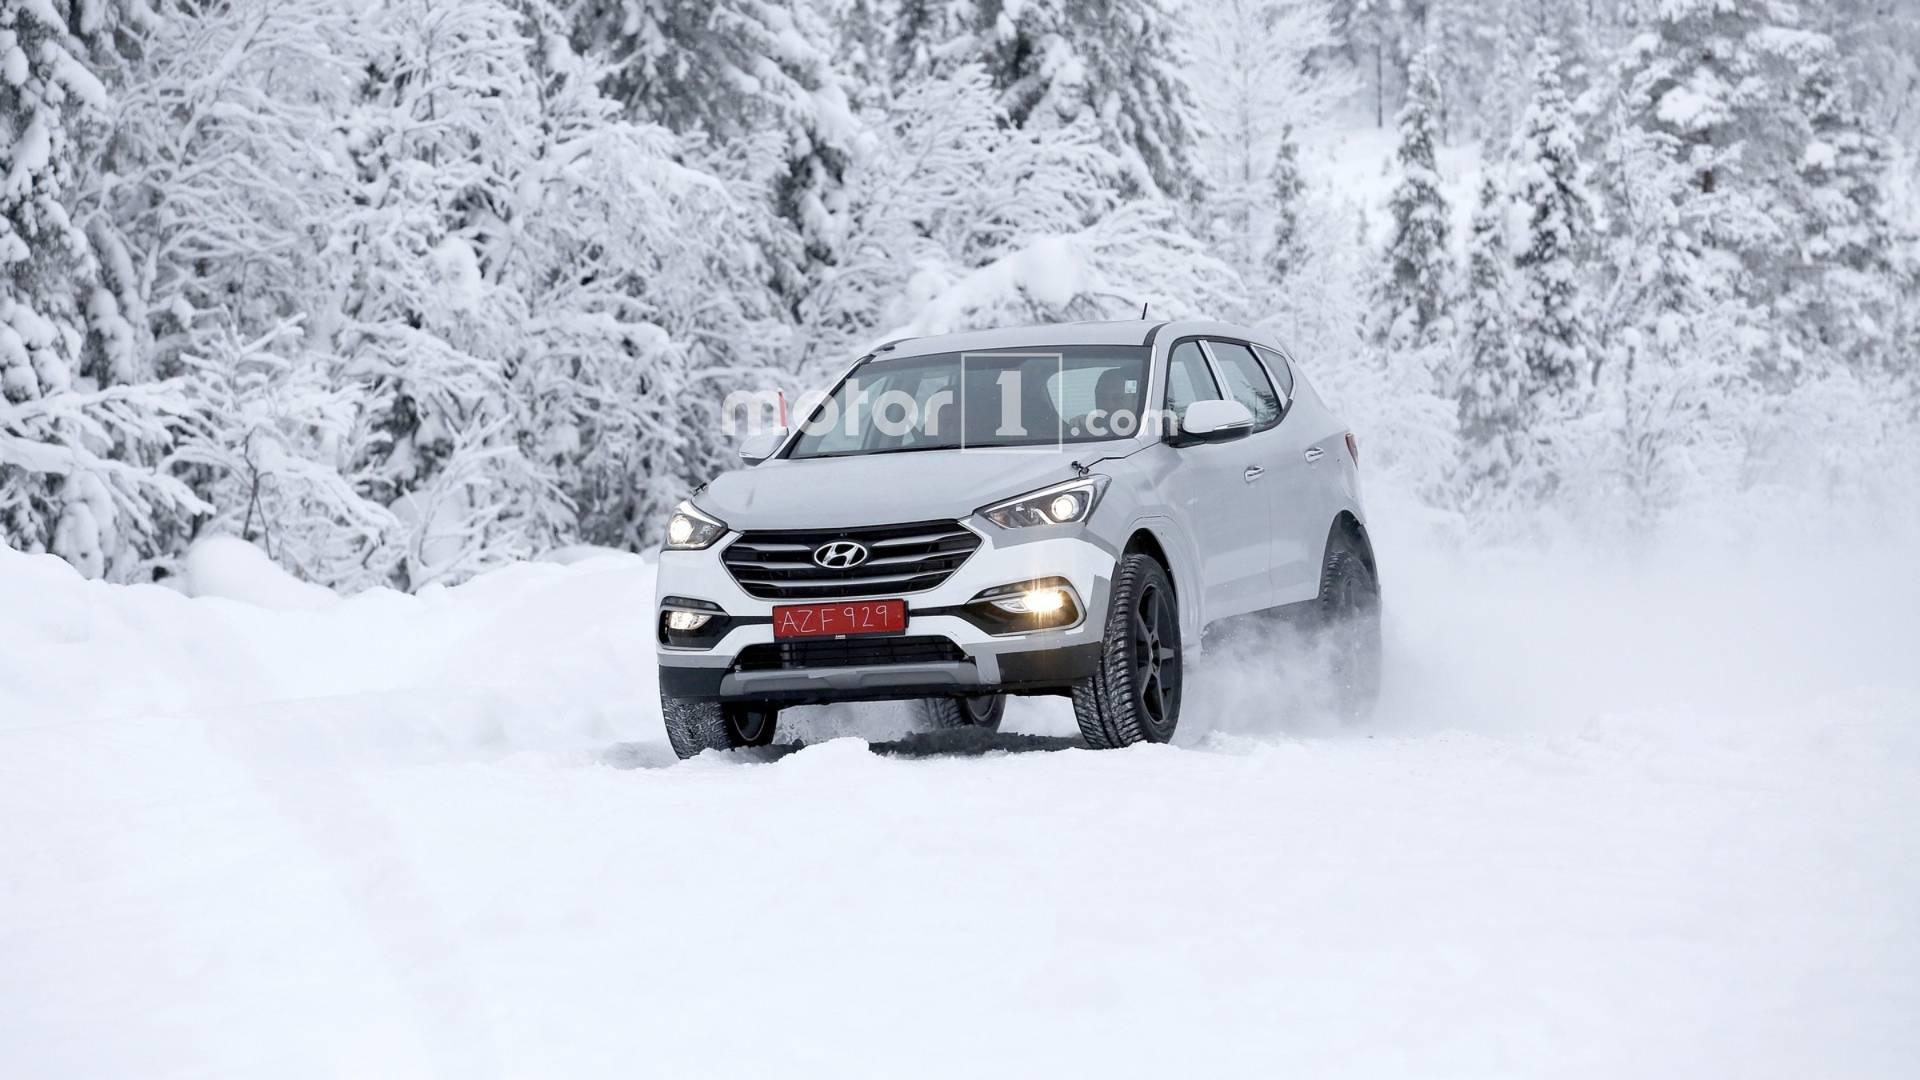 Кроссовер Genesis вышел на тесты под видом Hyundai Santa Fe